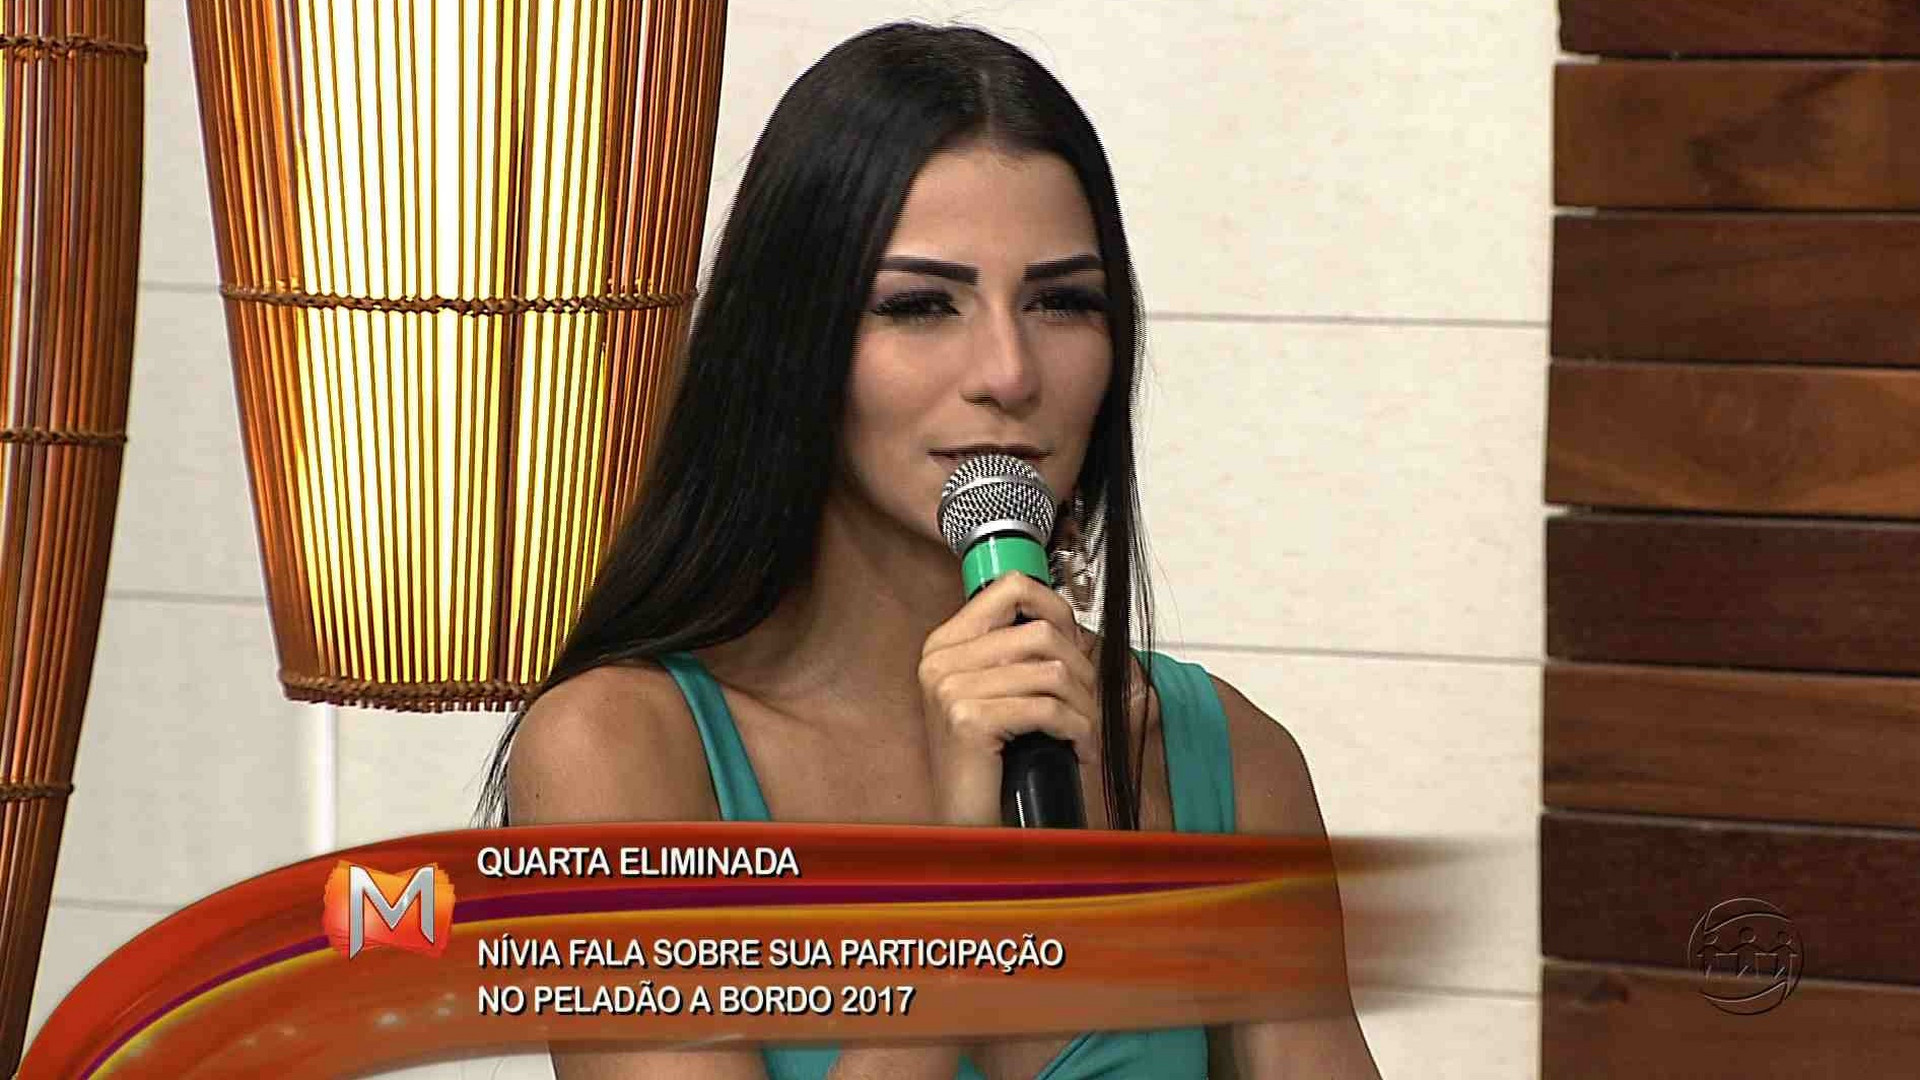 ENTREVISTA: NÍVEA CHAVES É A QUINTA ELIMINADA DO PELADÃO A BORDO - Magazine 11/12/17